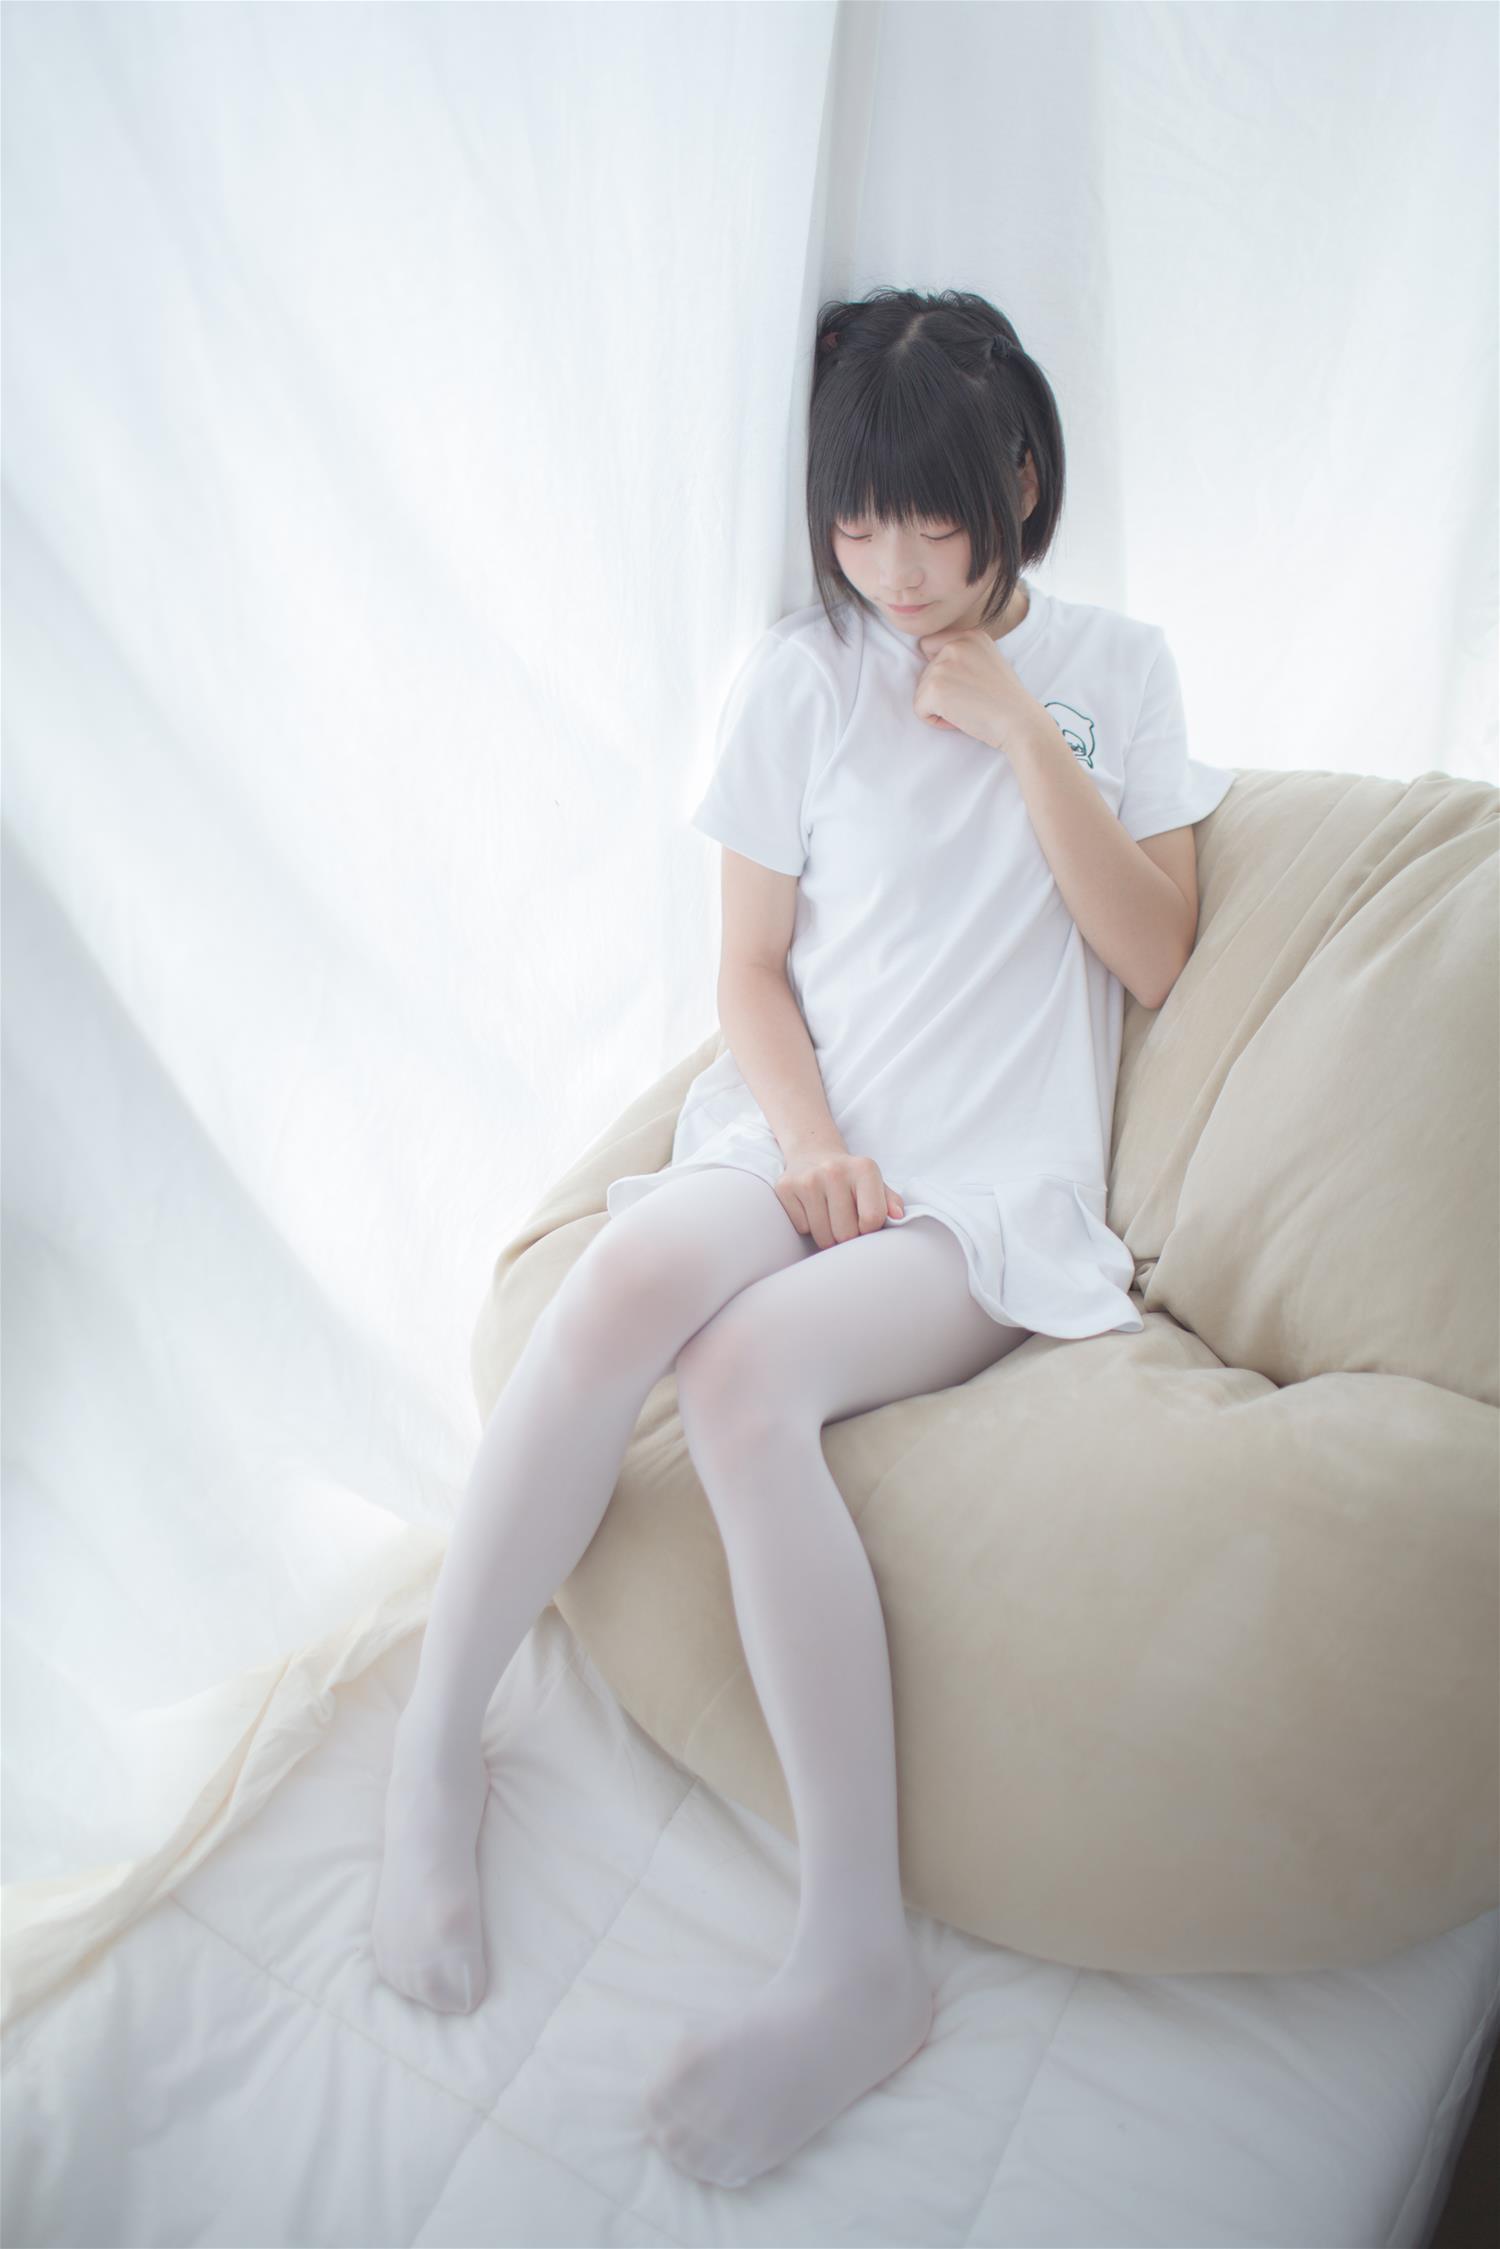 少女秩序 VOL.003 白丝萝莉 [40P-232MB] 少女秩序-第2张